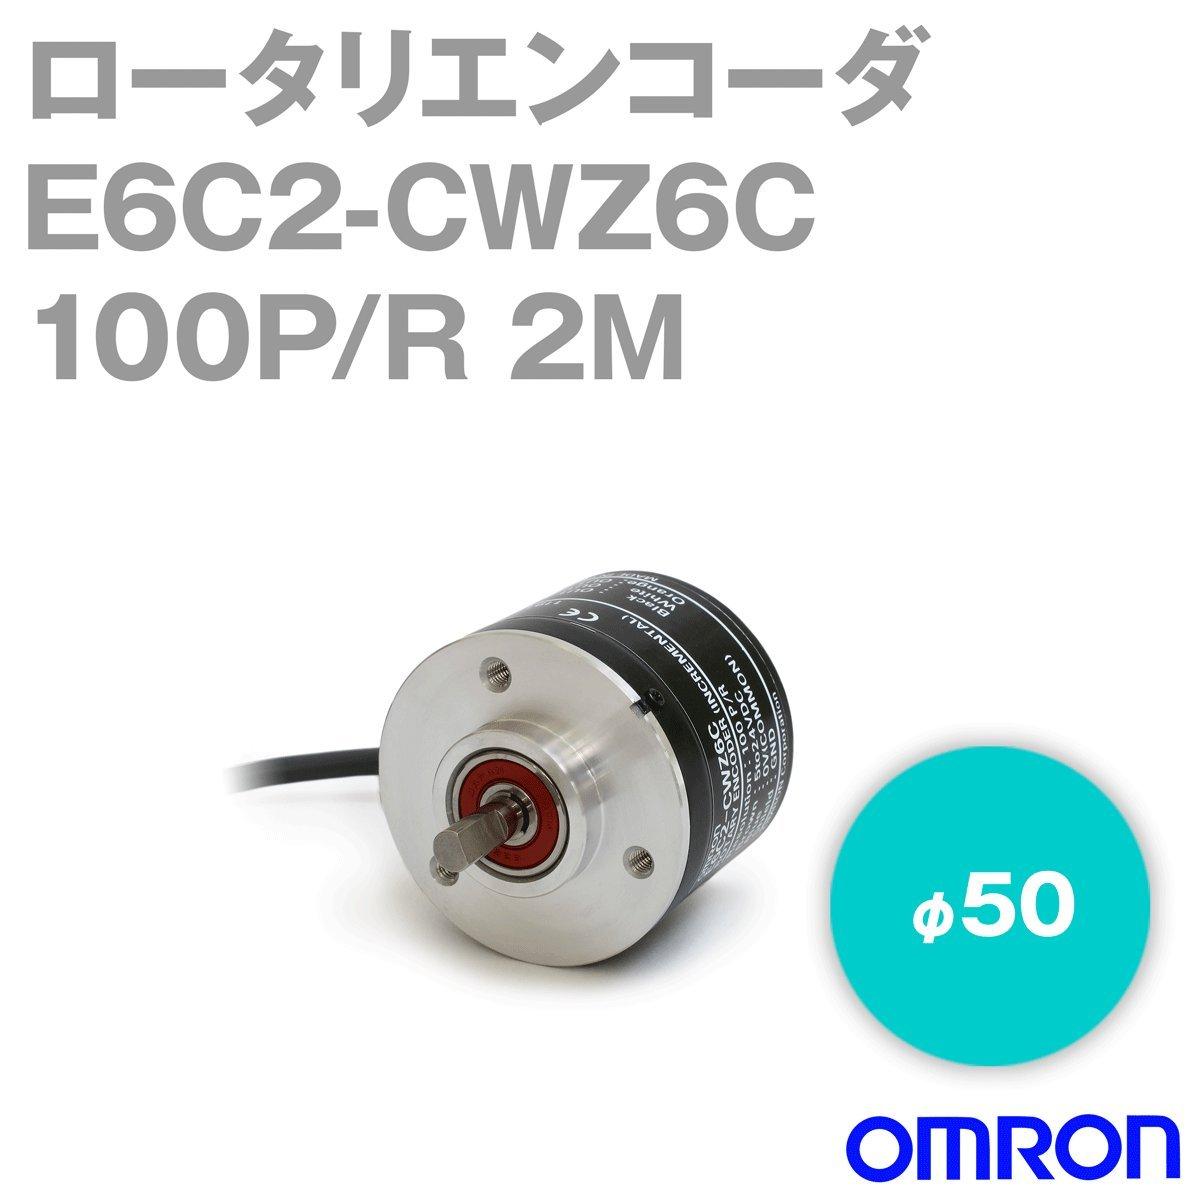 オムロン(OMRON) E6C2-CWZ6C 100P/R 2M インクリメンタル形 外径φ50 ロータリエンコーダ NN B007BL1B5Y